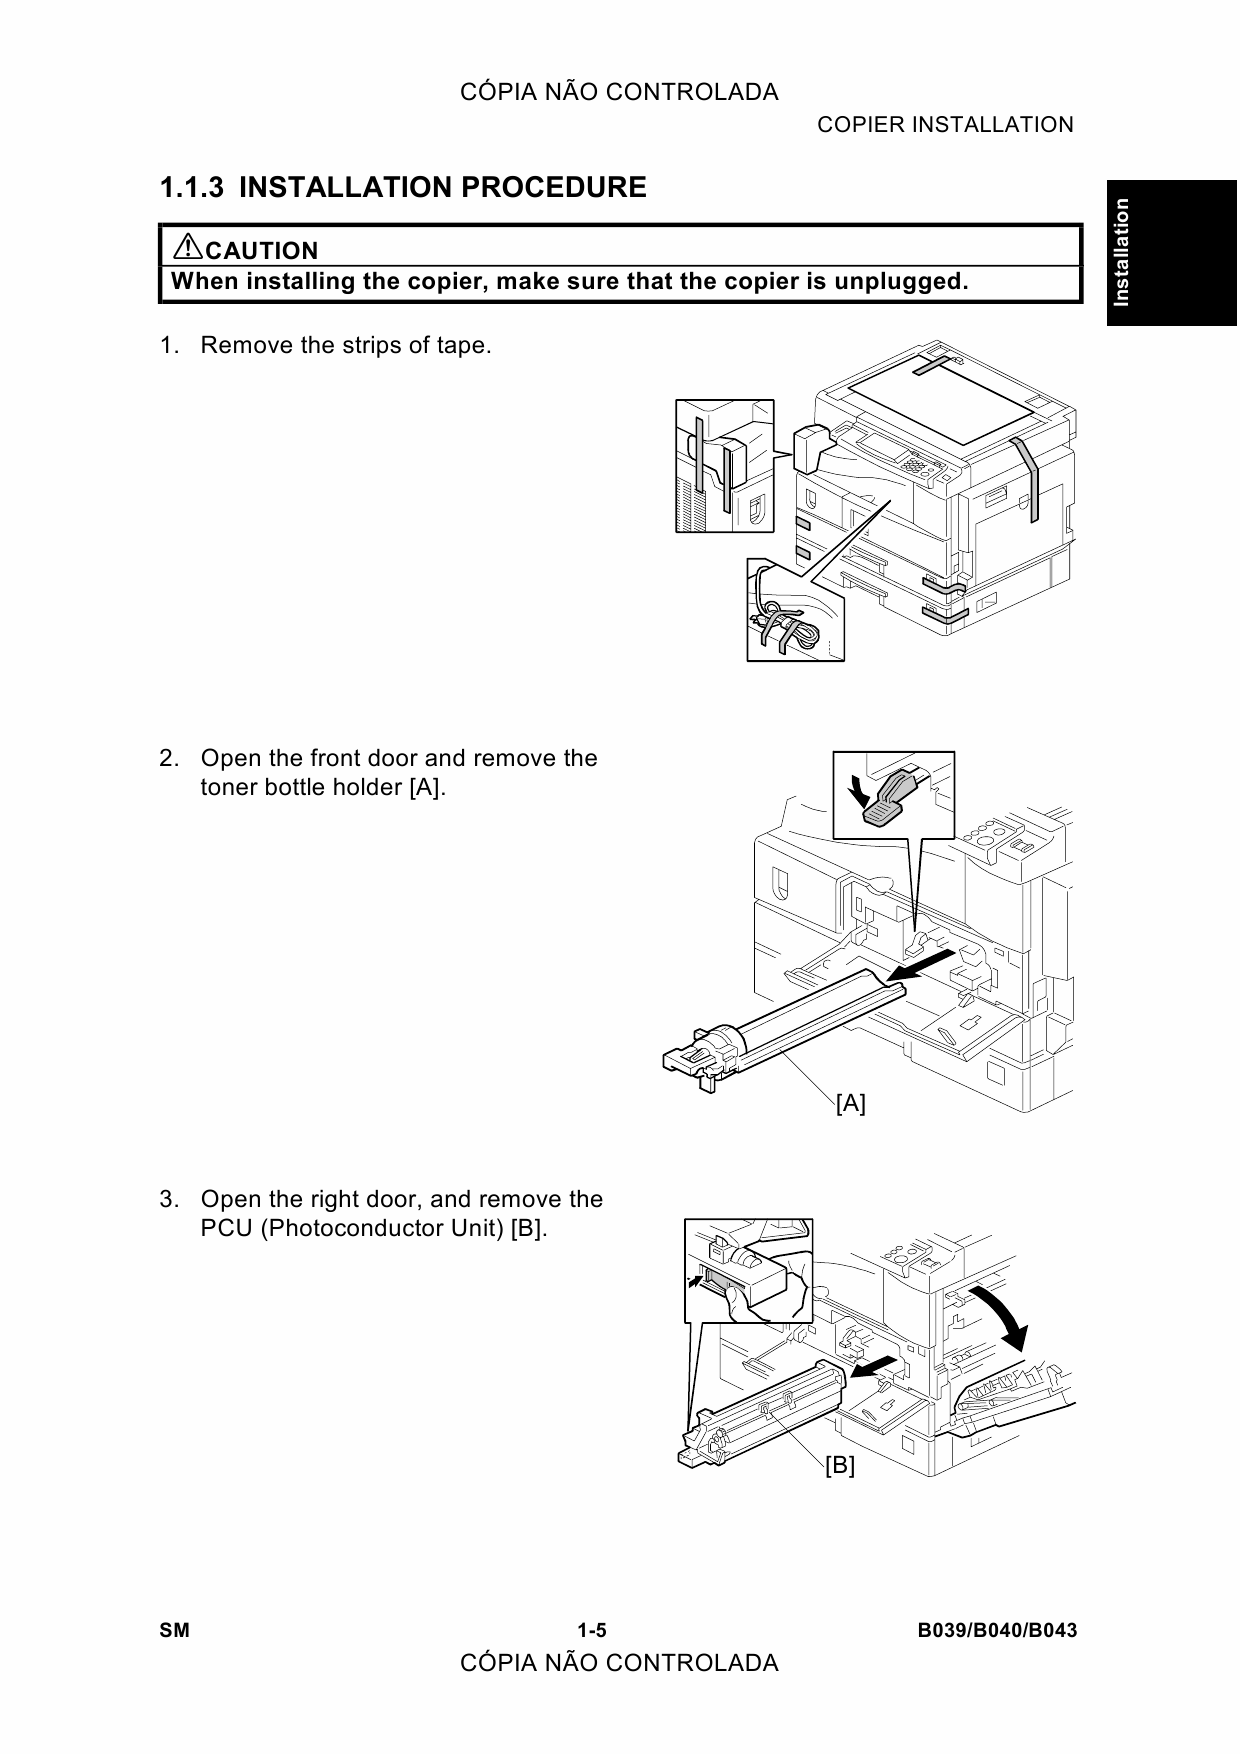 panasonic dmp b200 service manual repair guide